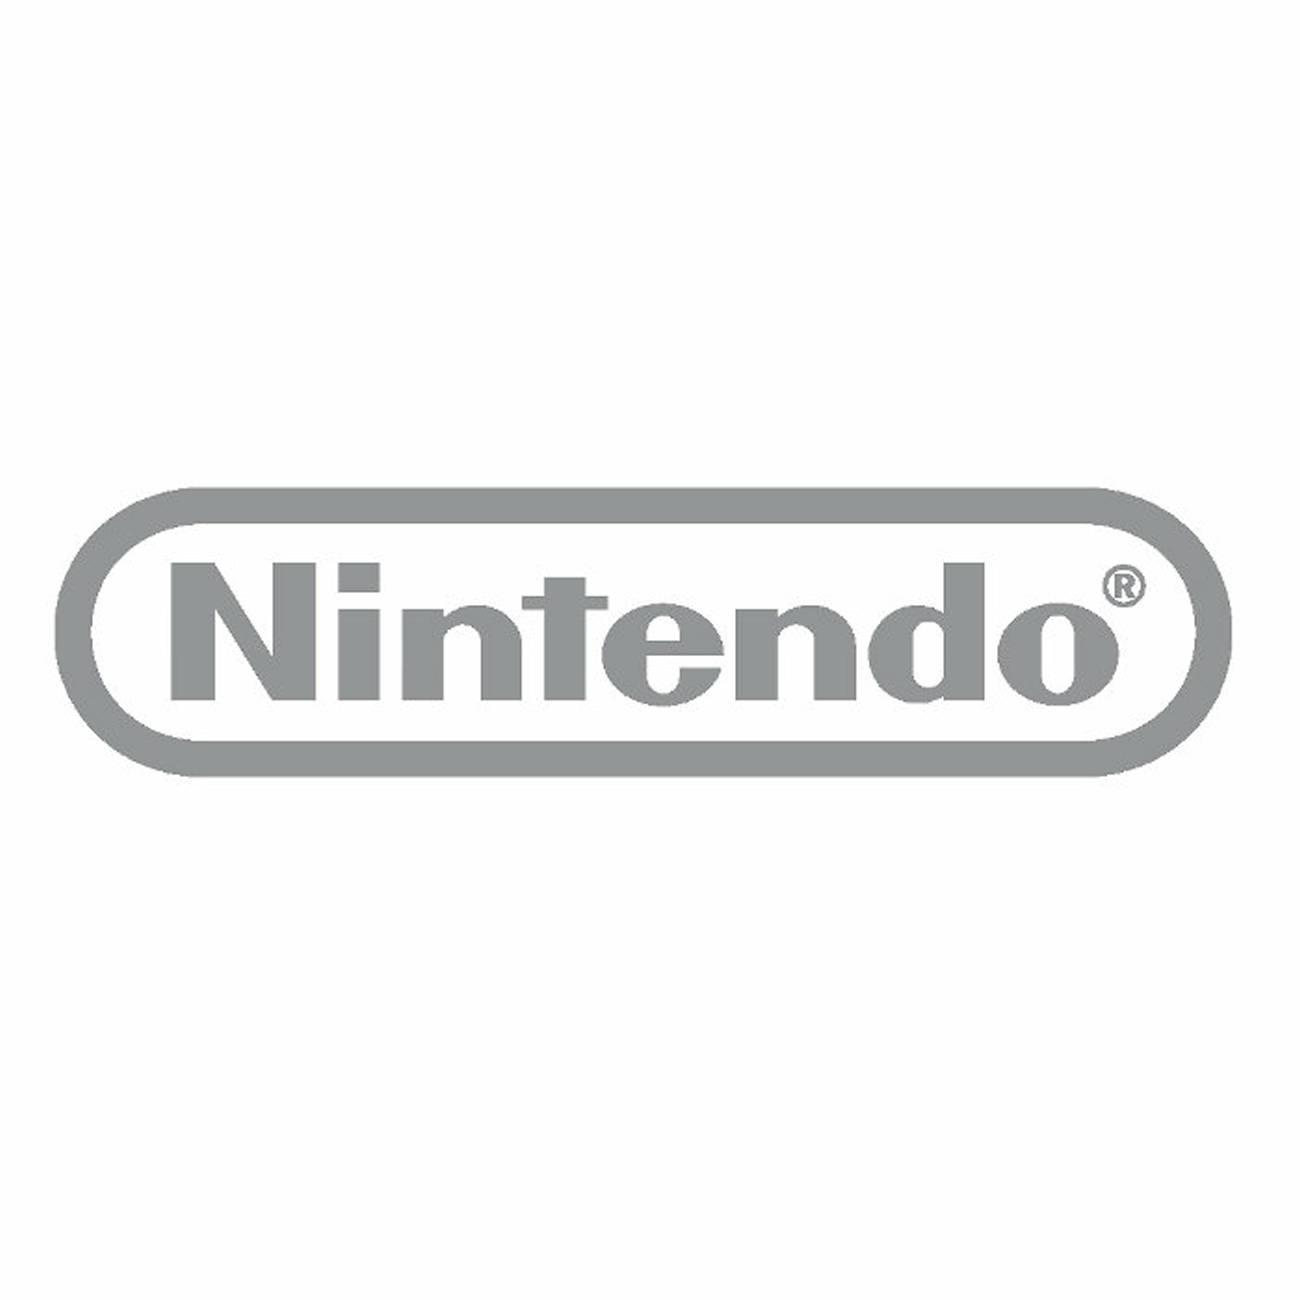 任天堂、Nintendoの単語を商標出願。意味なさそうにも理由